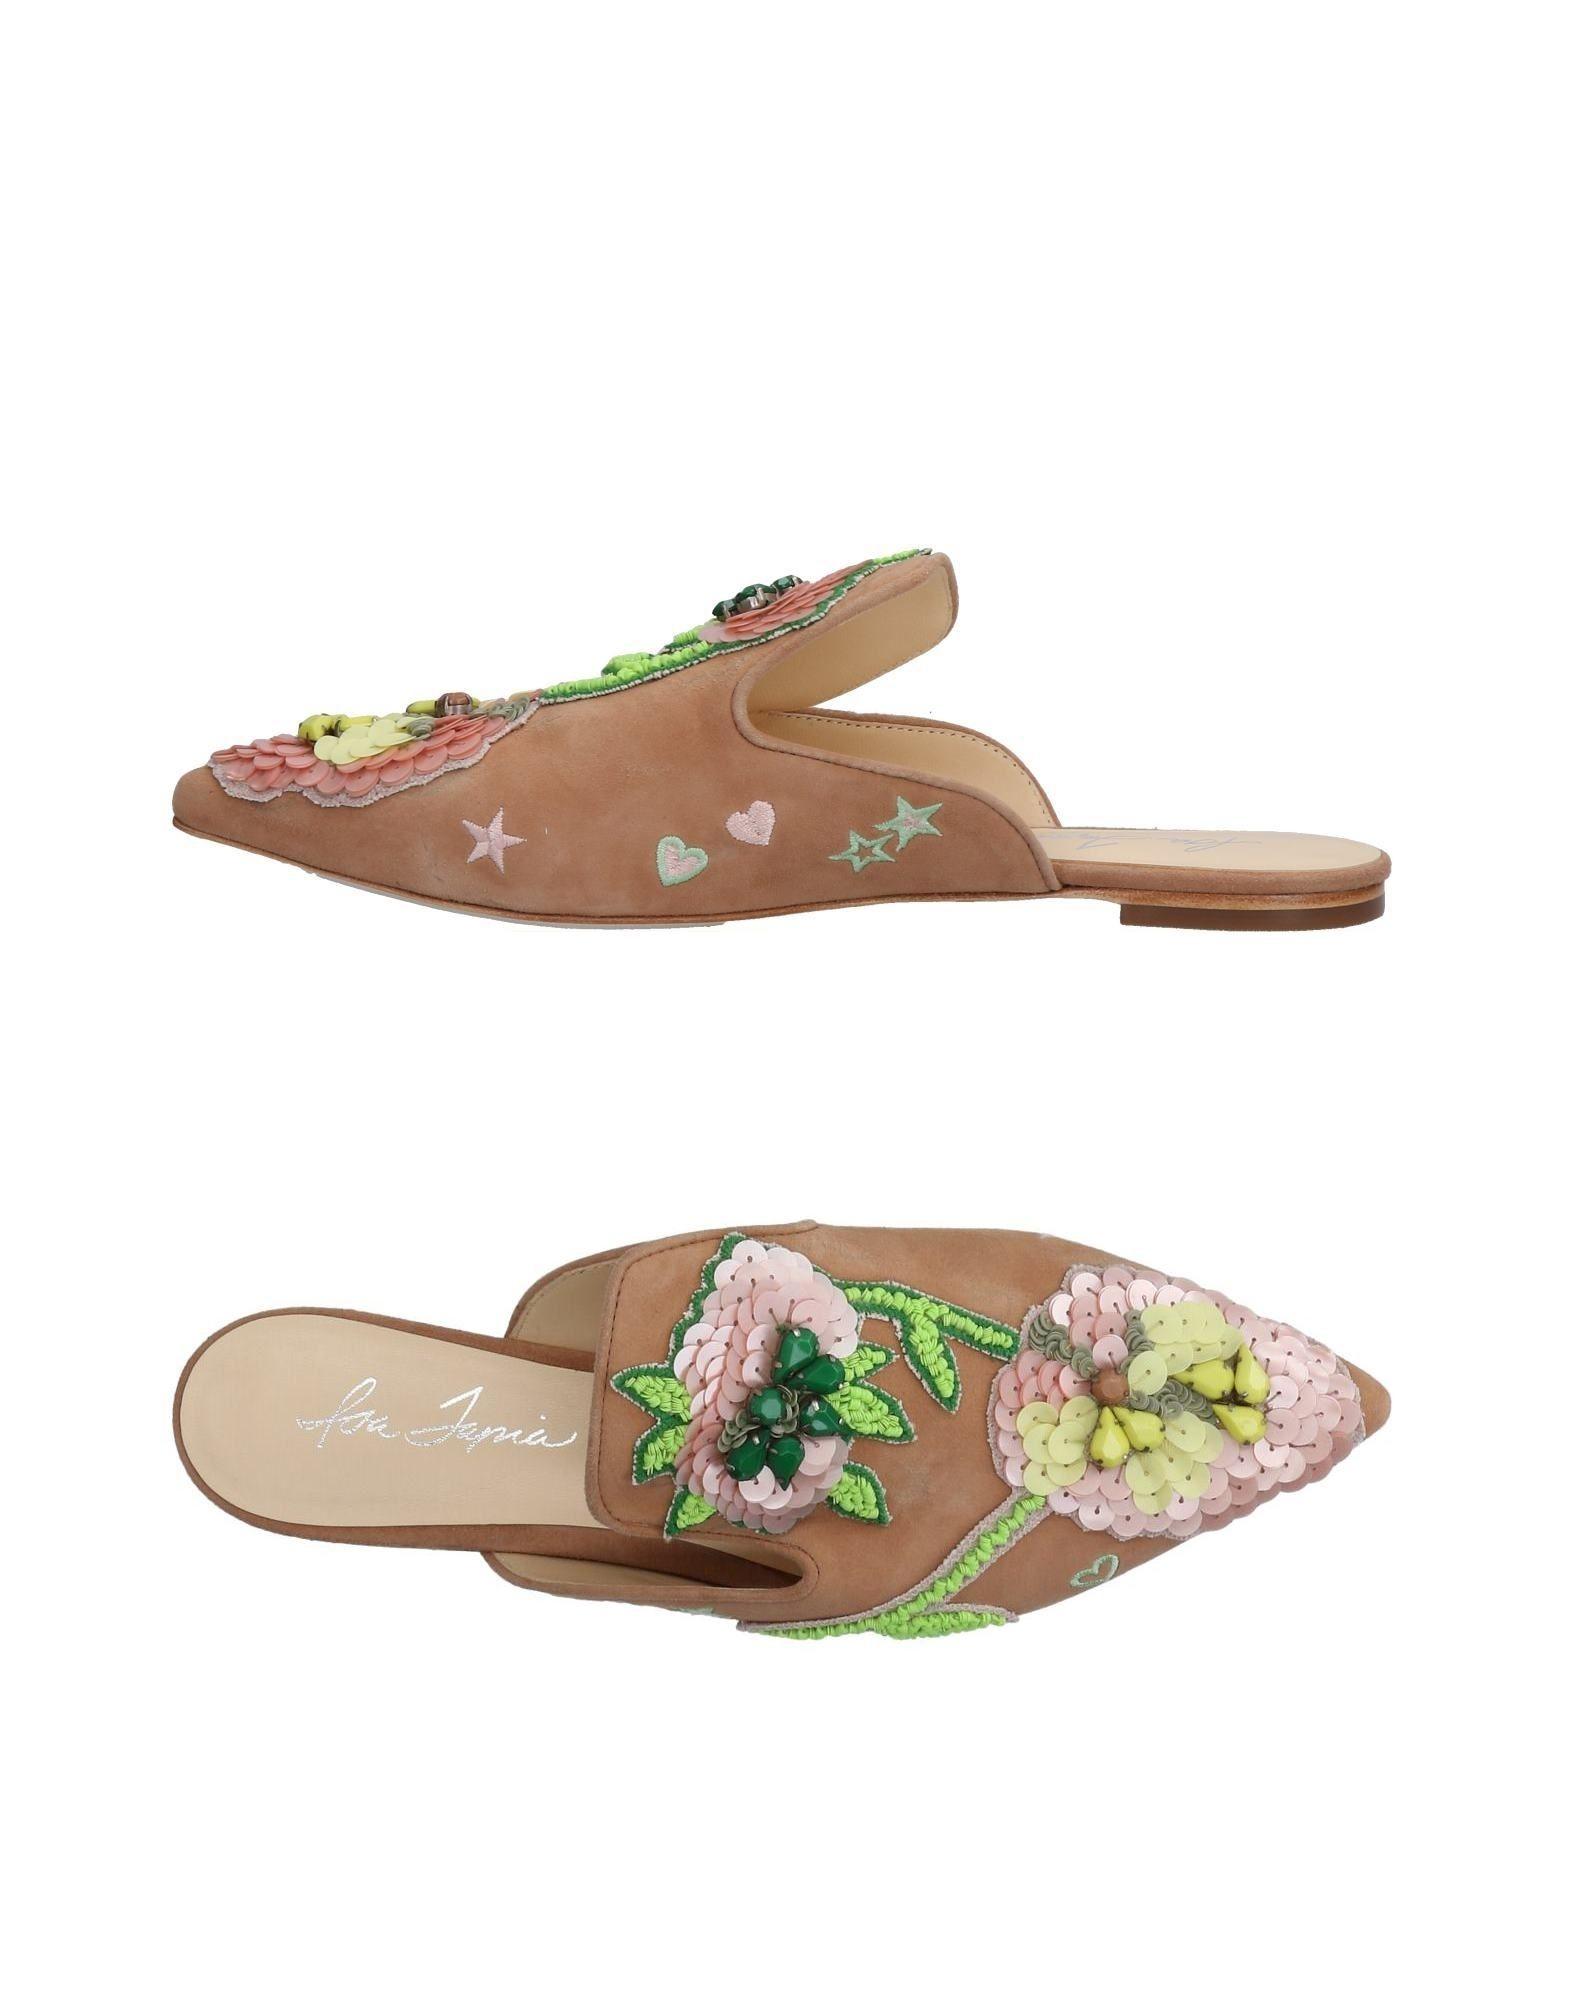 Rabatt Schuhe Isa Tapia Pantoletten Damen  11474769PK